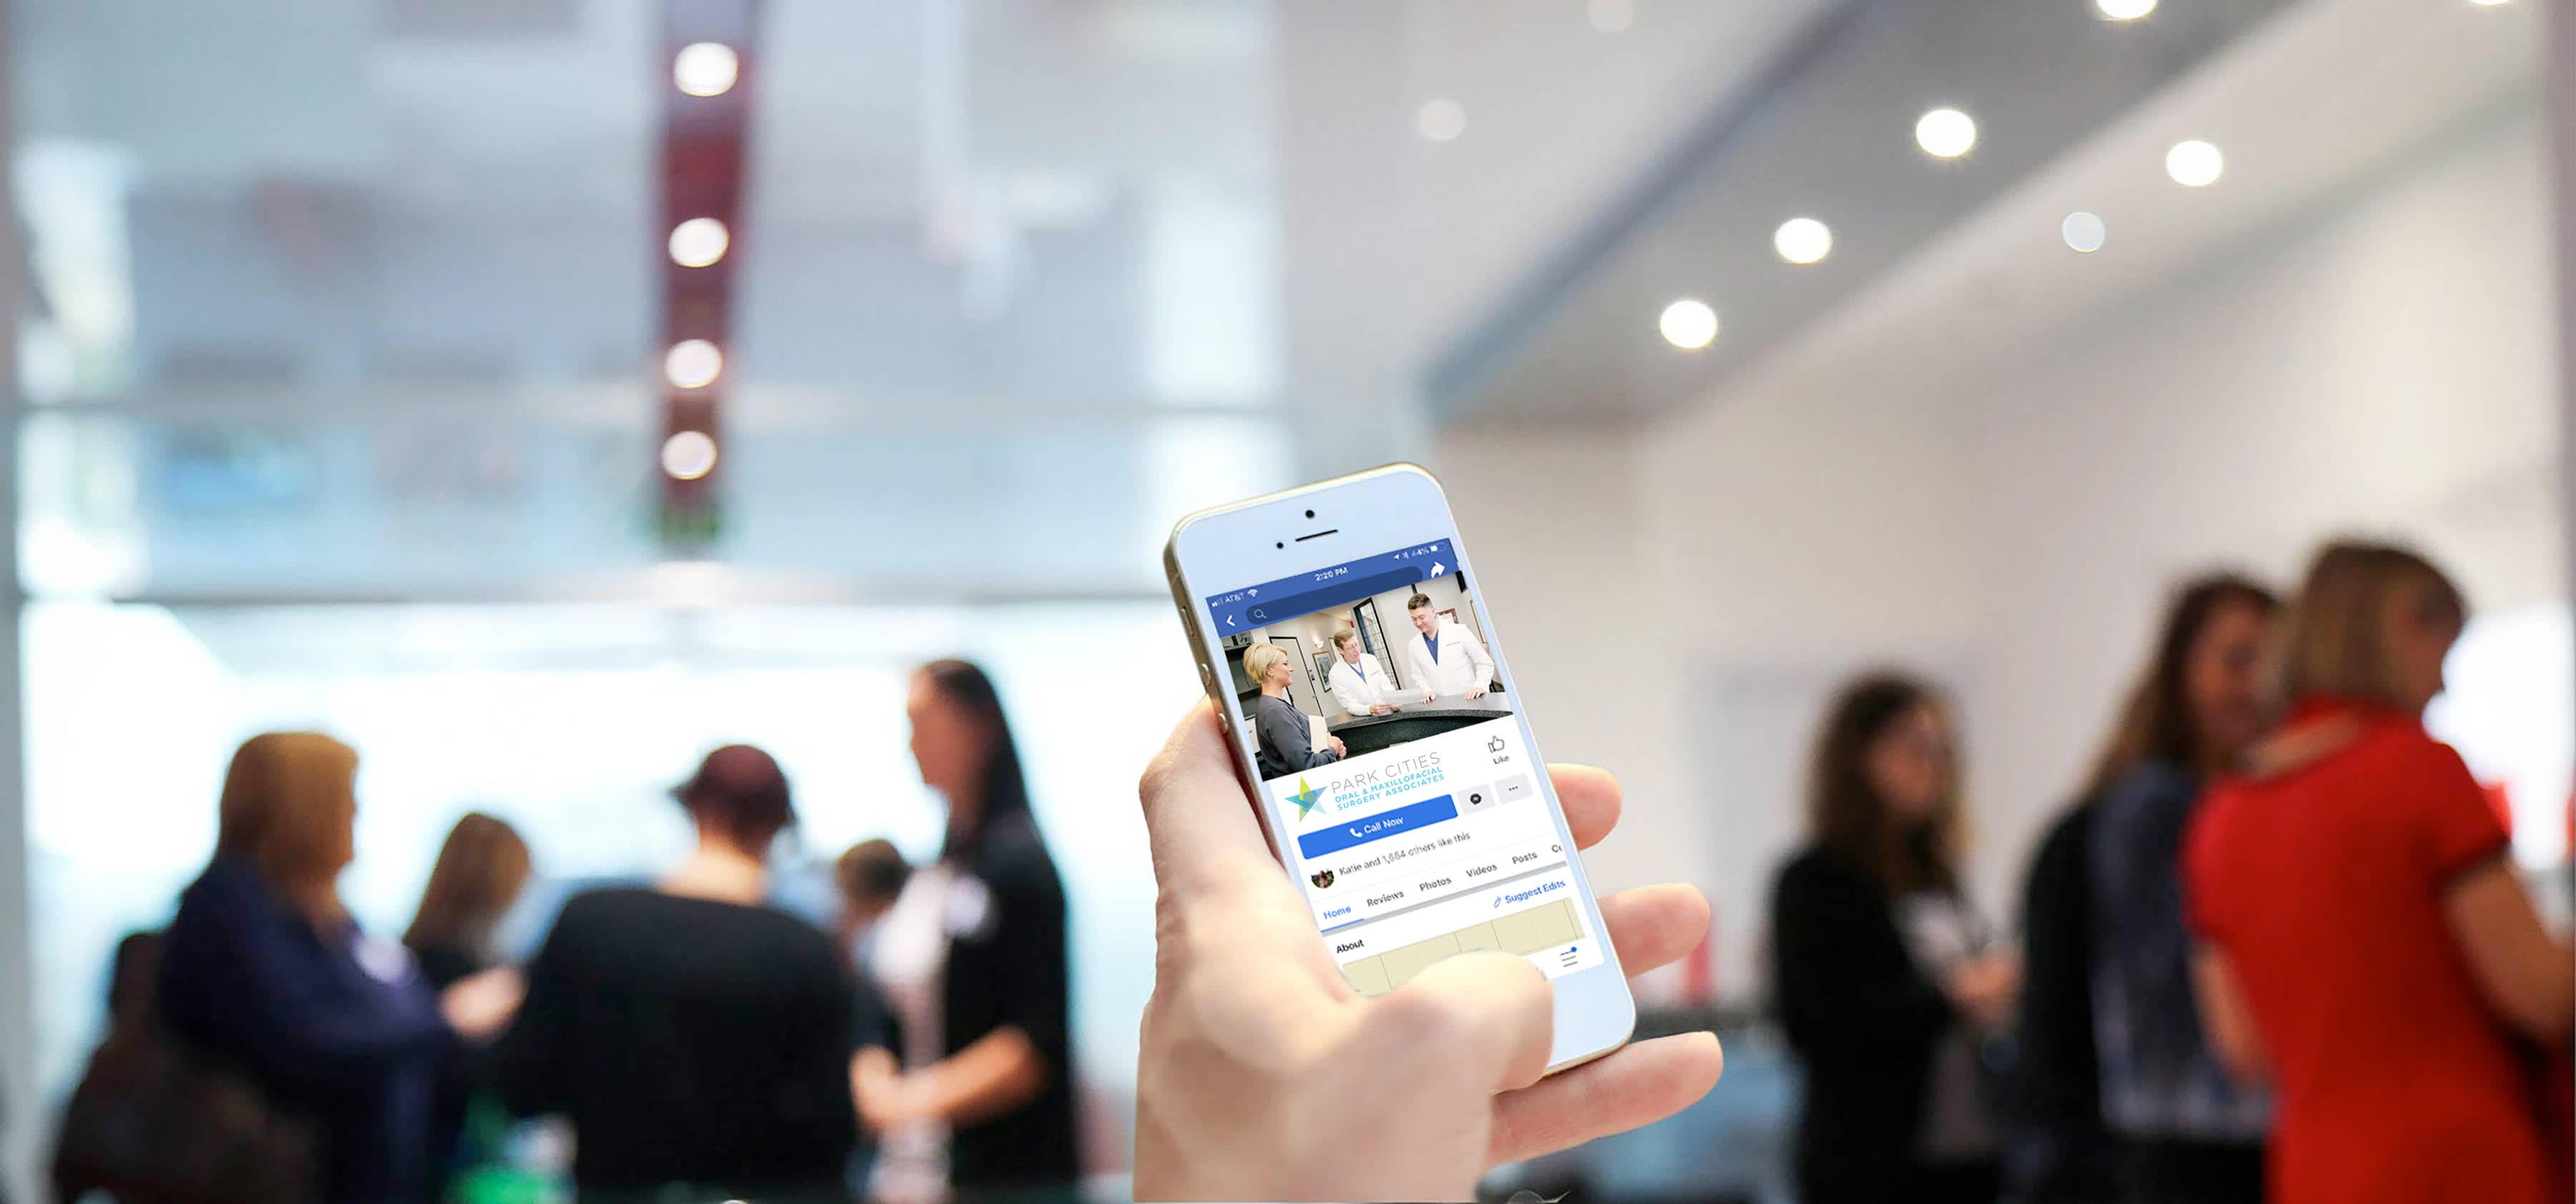 Imagen de mano sosteniendo un teléfono celular